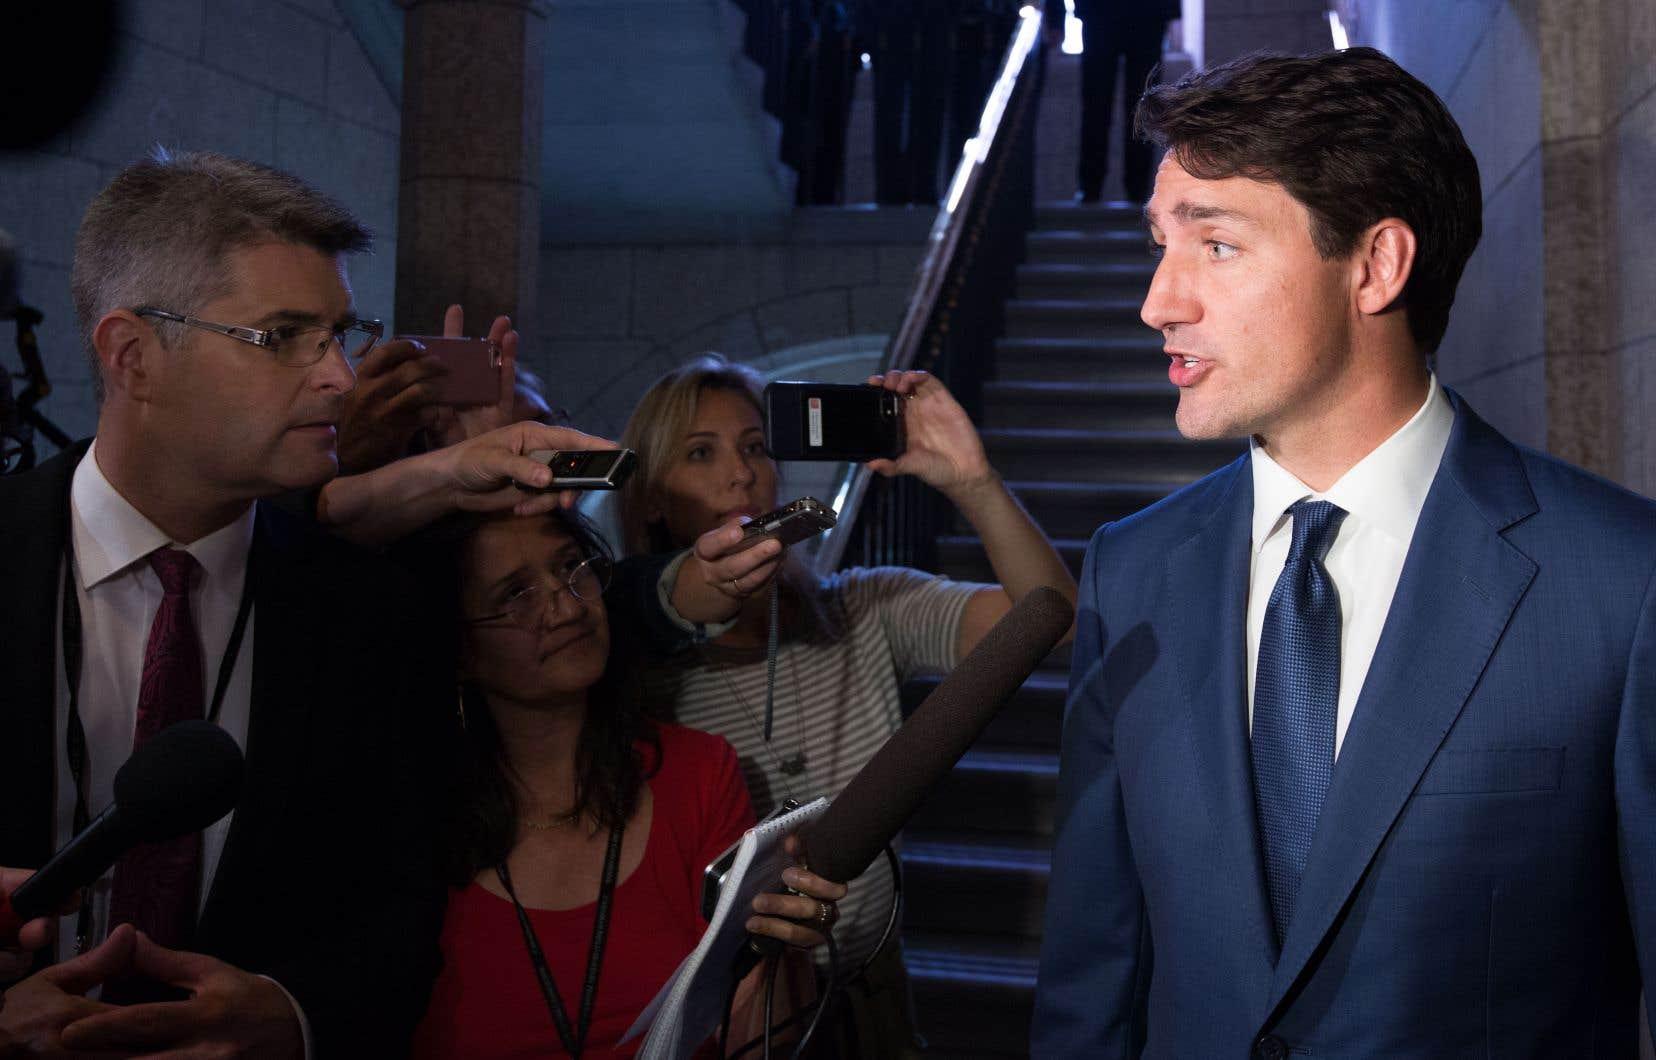 «On reste [persuadés du fait] qu'il y a toujours une piste [d'accord], mais ça va prendre encore du travail», a déclaré Justin Trudeau aux journalistes.